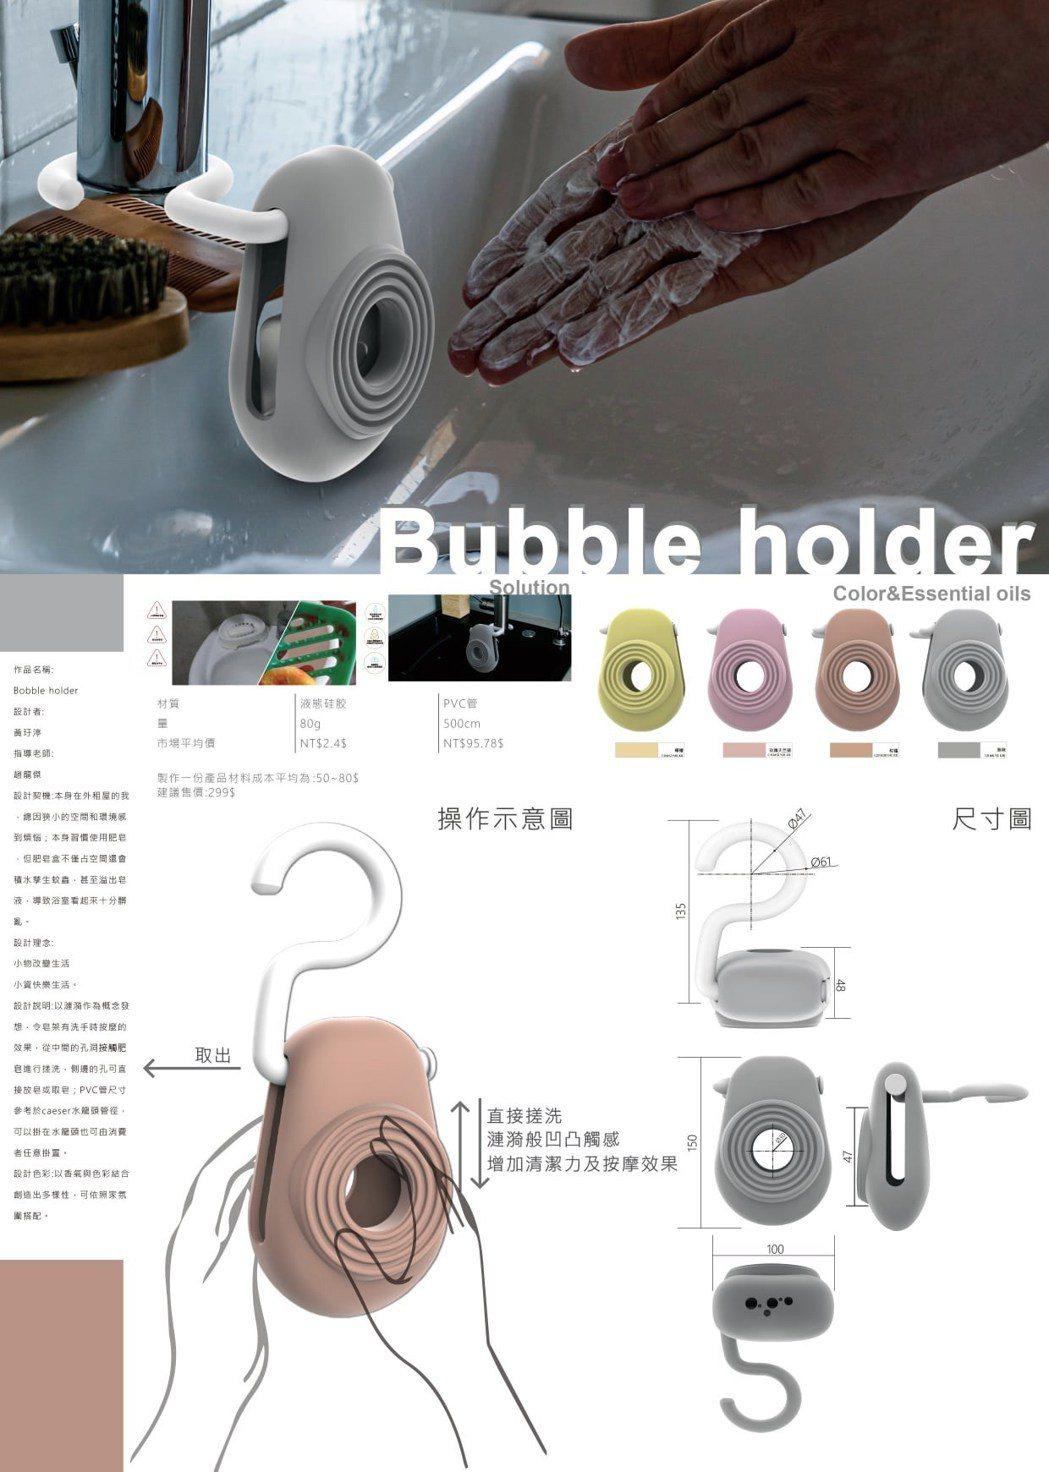 黃玗渟作品「Bubble Holder」將用不完小香皂集中重覆使用,美觀又兼具實...